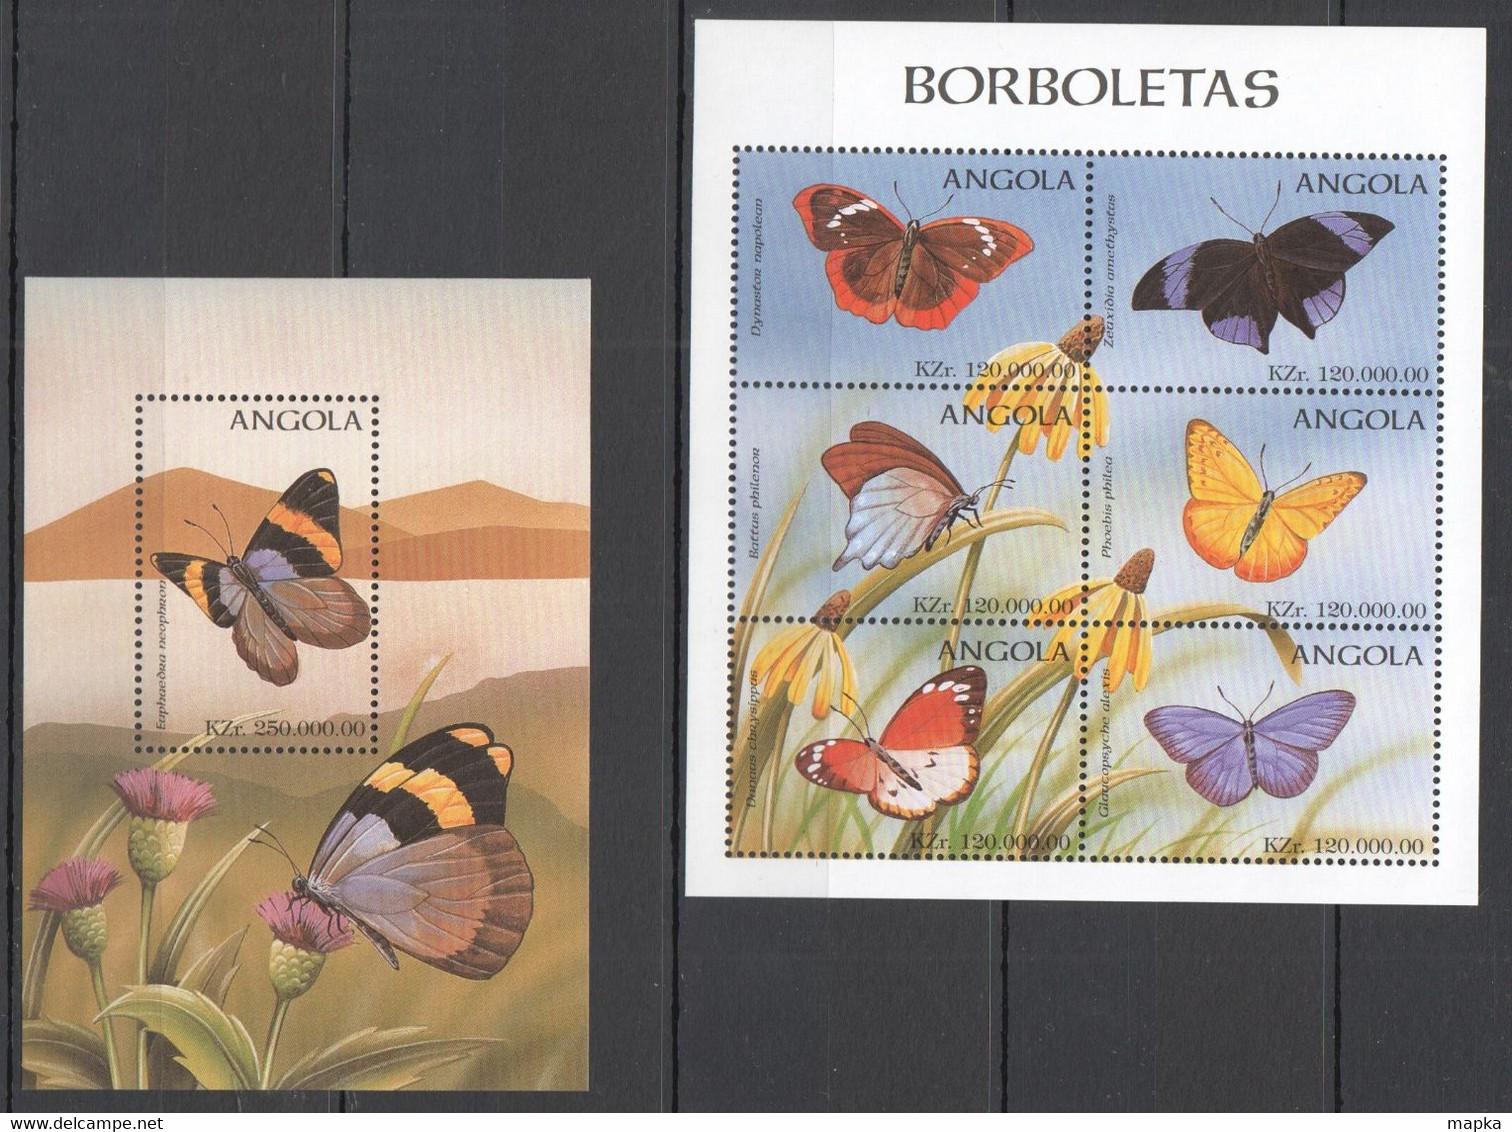 VV862 ANGOLA FLORA & FAUNA FLOWERS BUTTERFLIES 1BL+1KB MNH - Mariposas